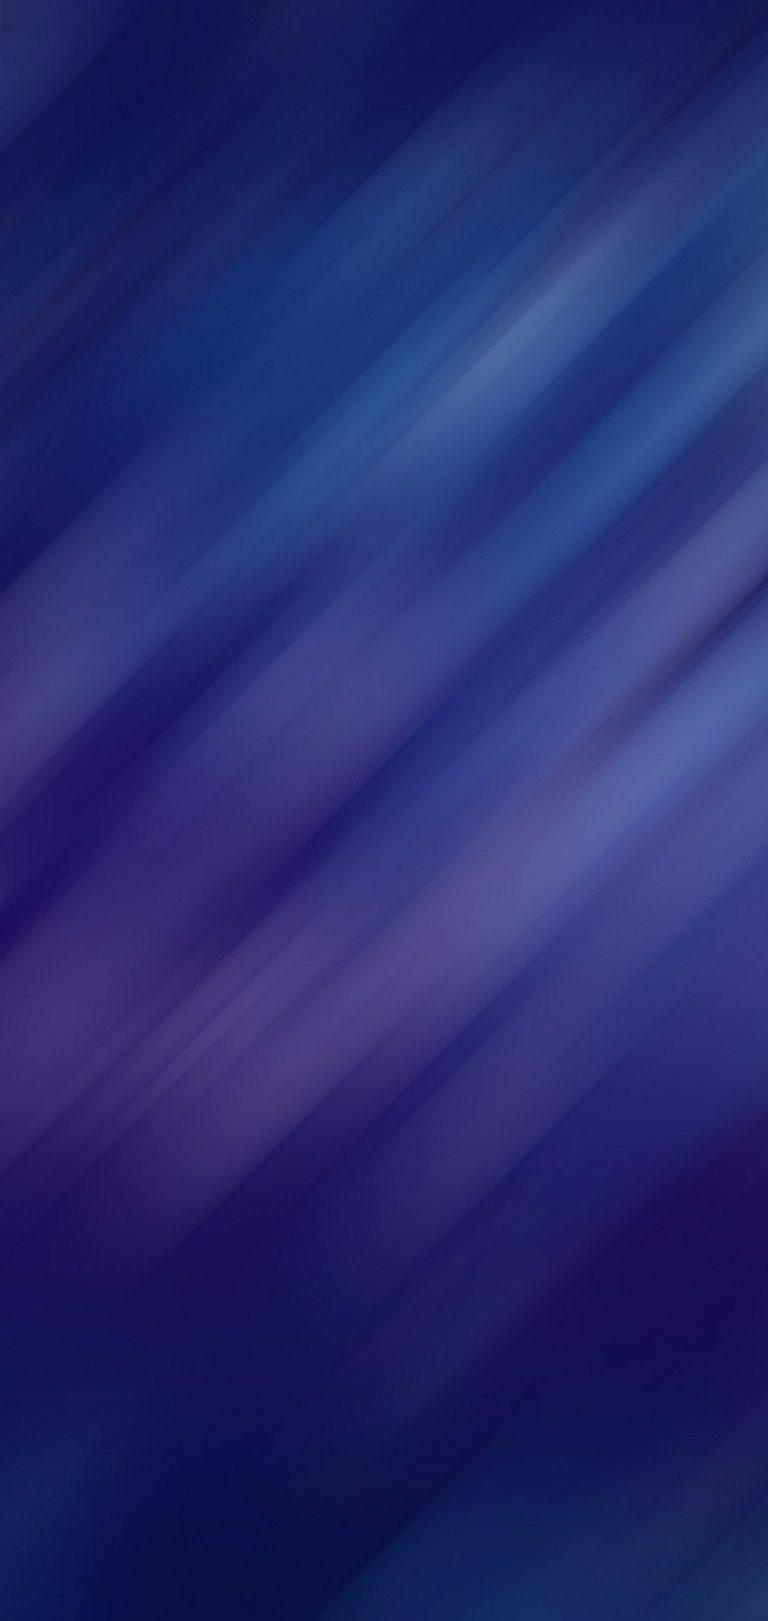 1080x2280 Wallpaper 055 768x1621